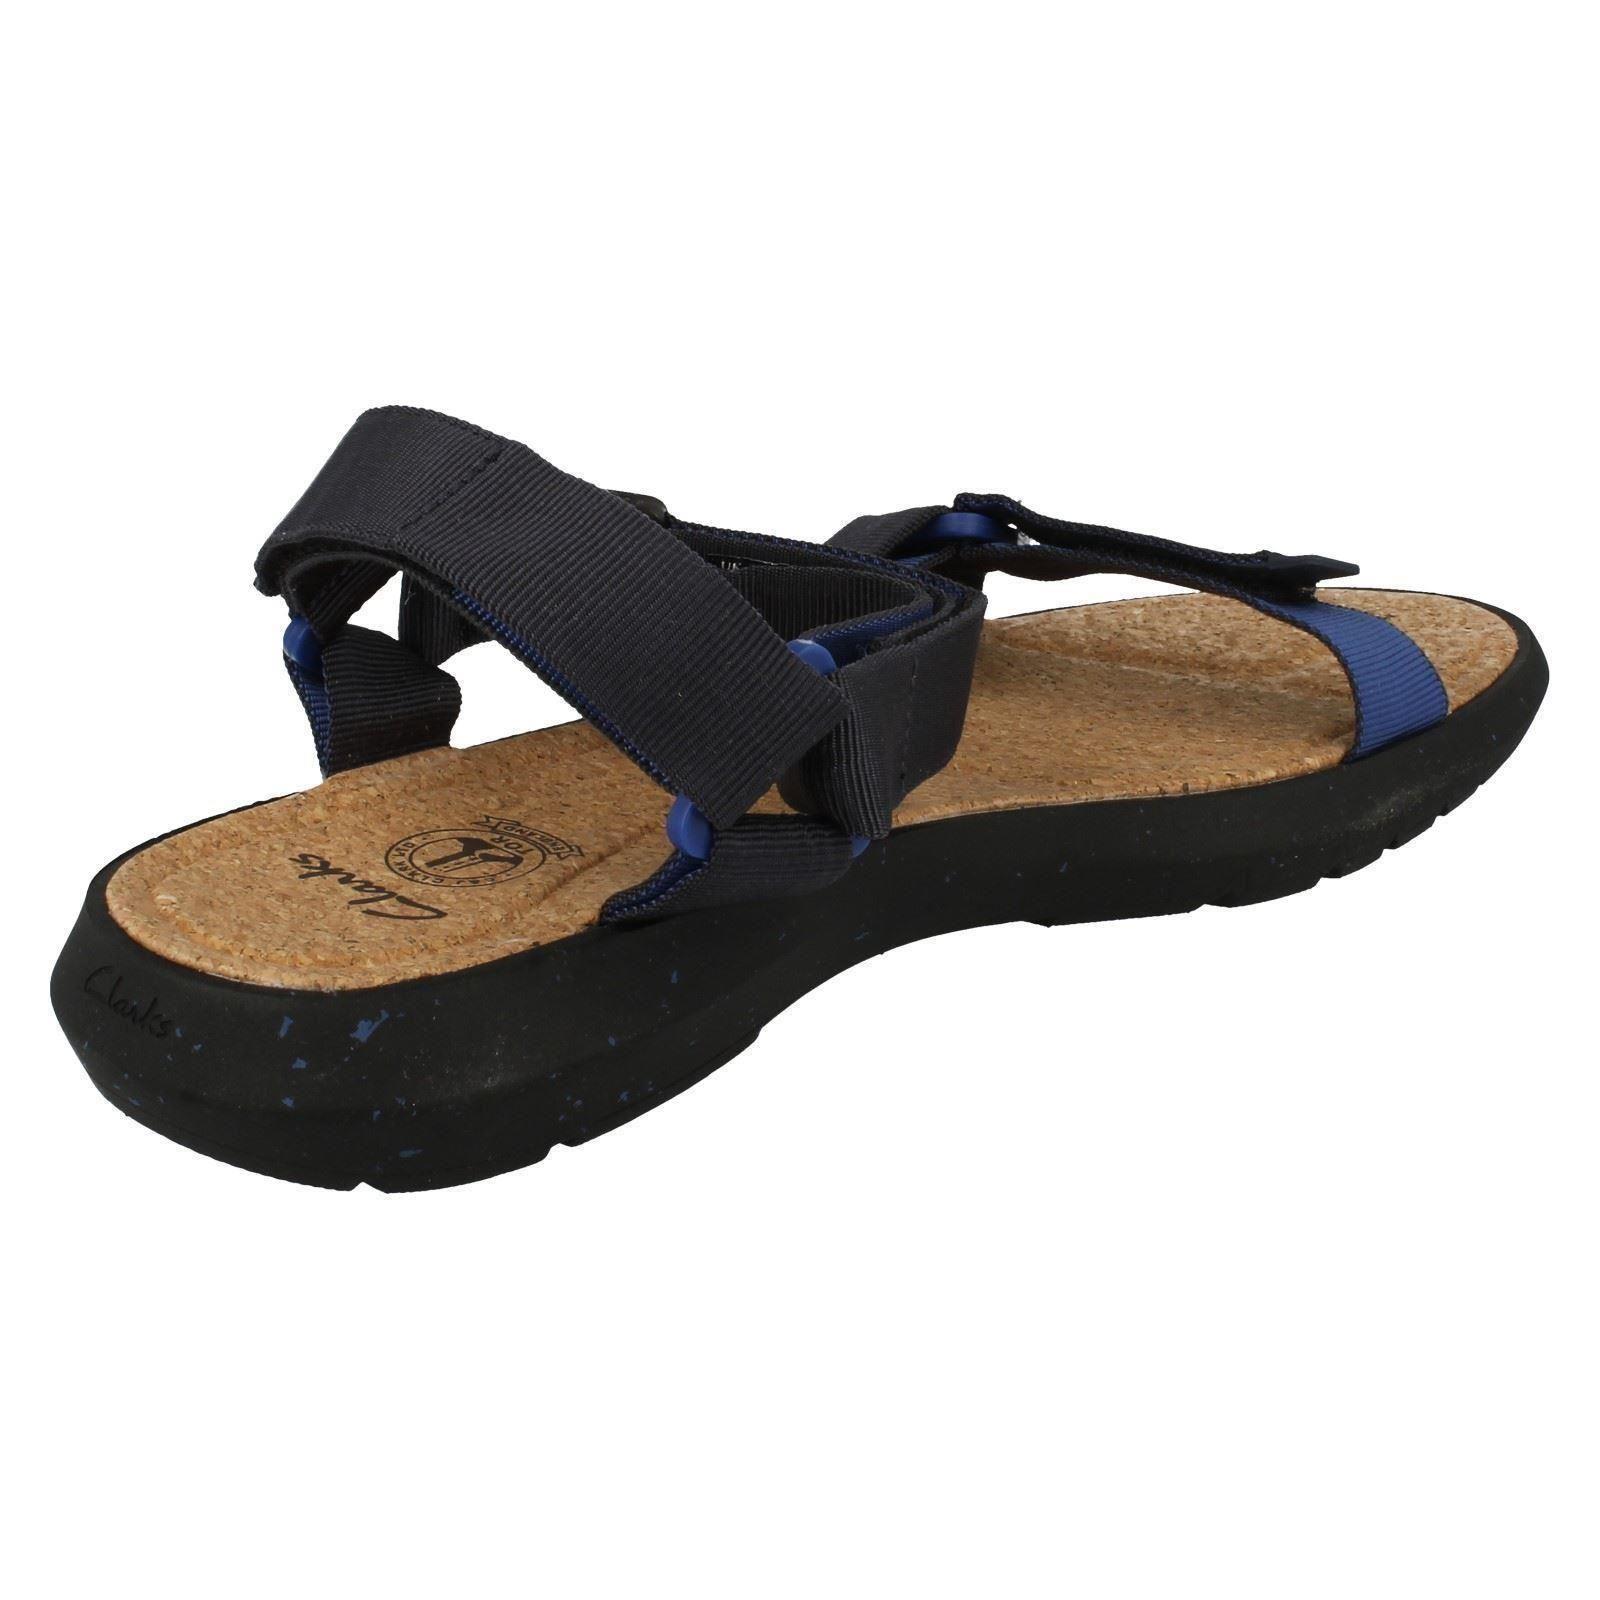 7c4d2dd6617 Mens Clarks Pilton Brave Casual Summer Sandals